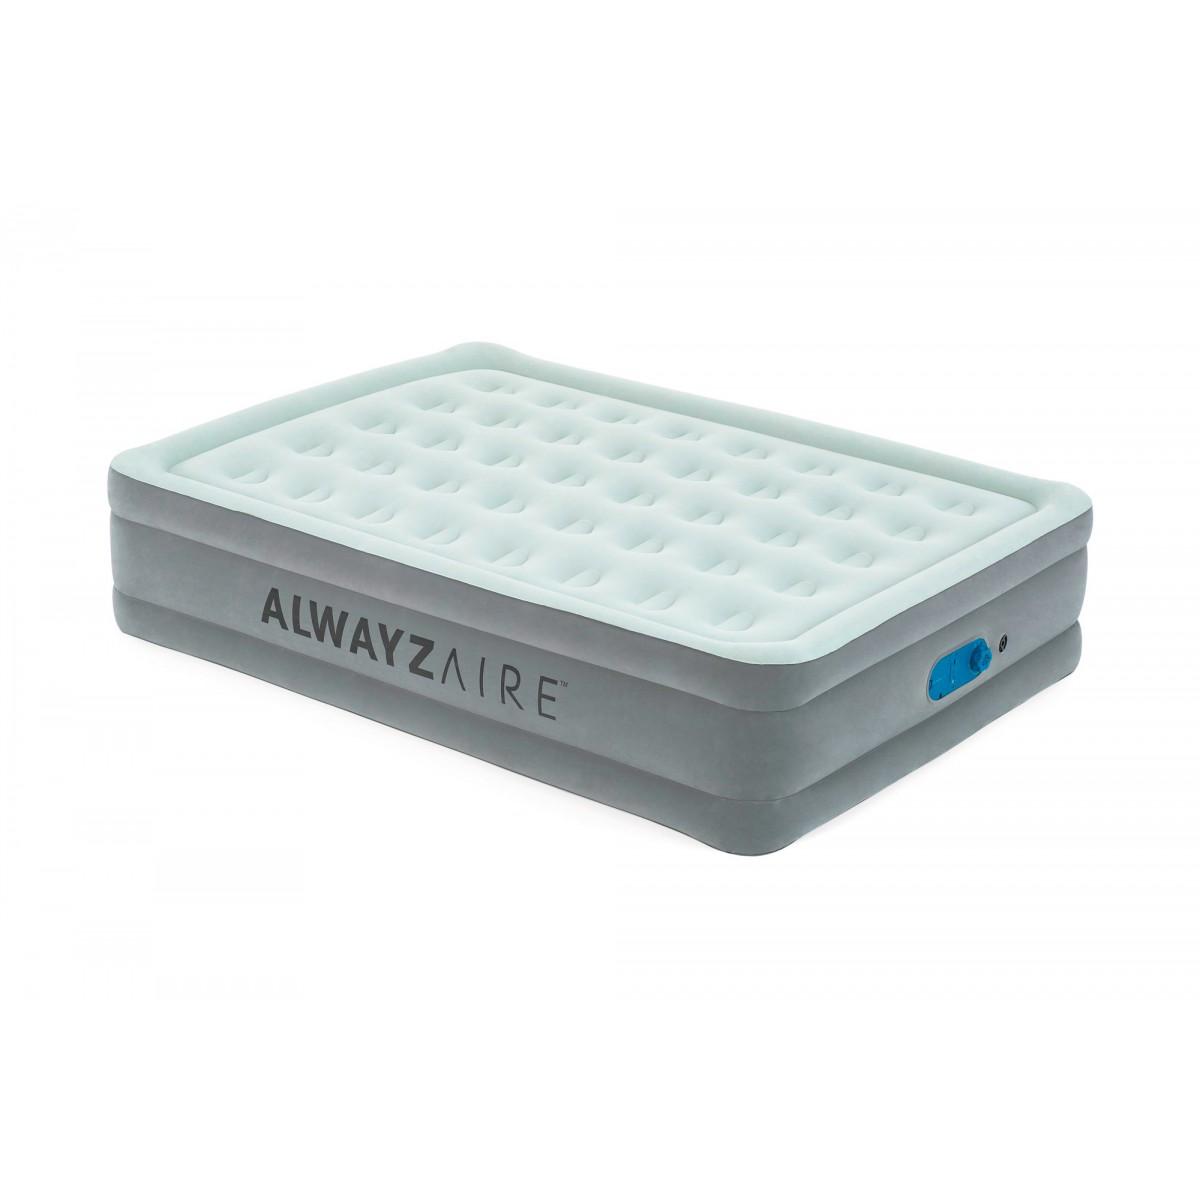 Lit gonflable matelas AlwayzAire Bestway - 2 places  - 203 x 152 x 46 cm